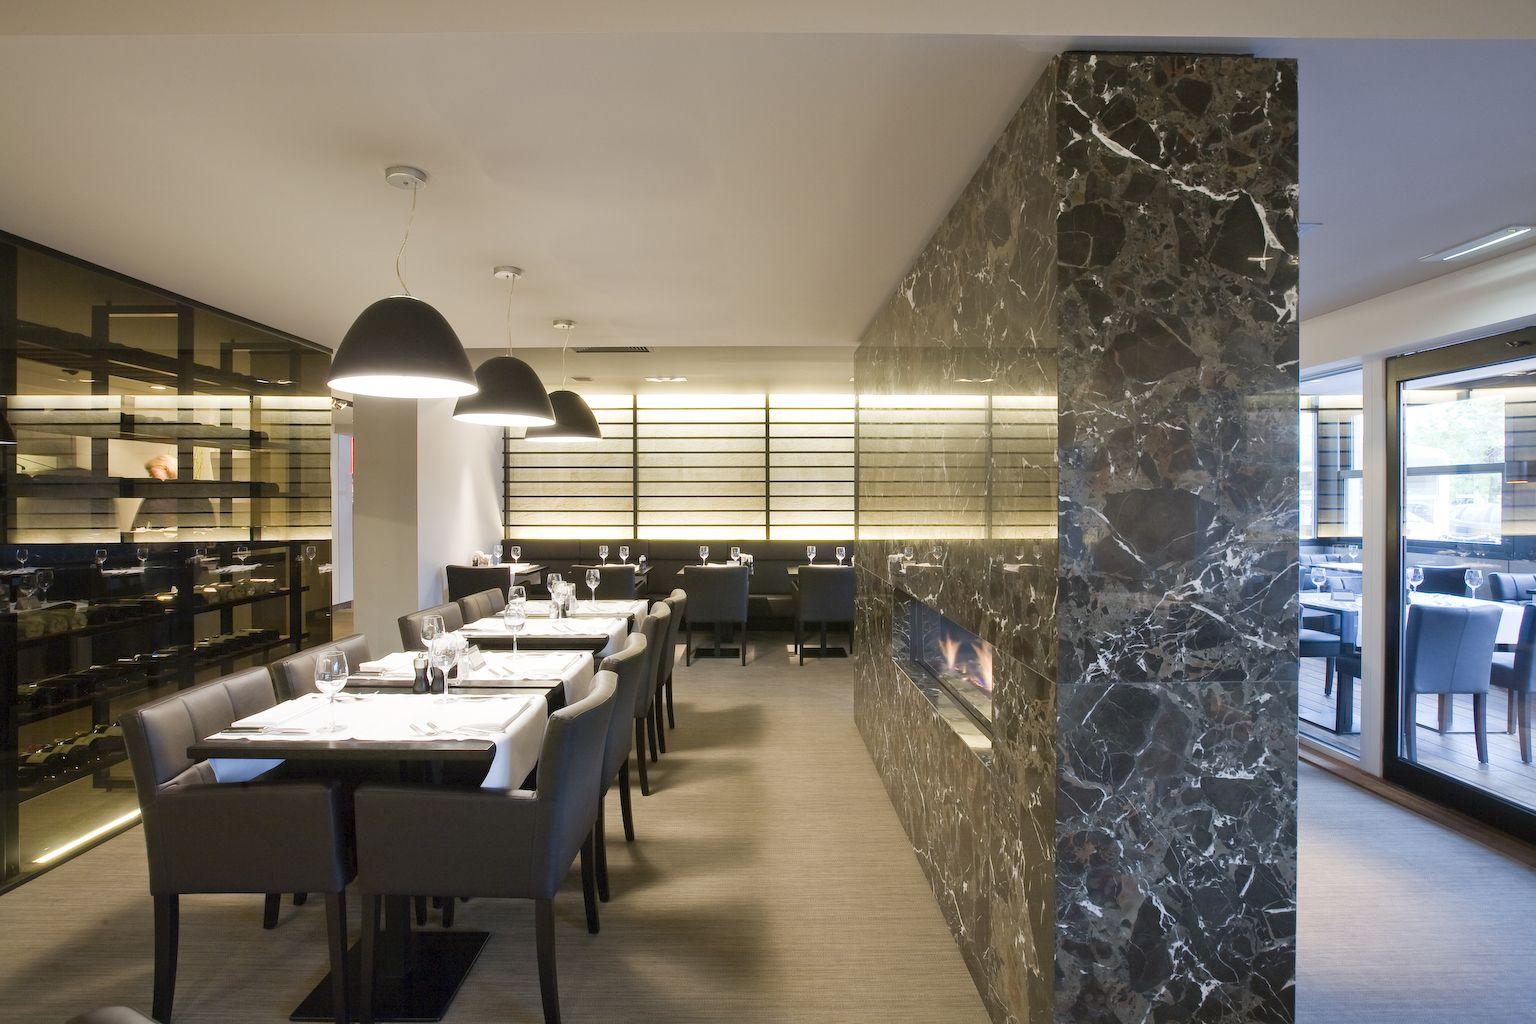 Luminous Cafe and Restaurant interior lighting Design | Capstone ...